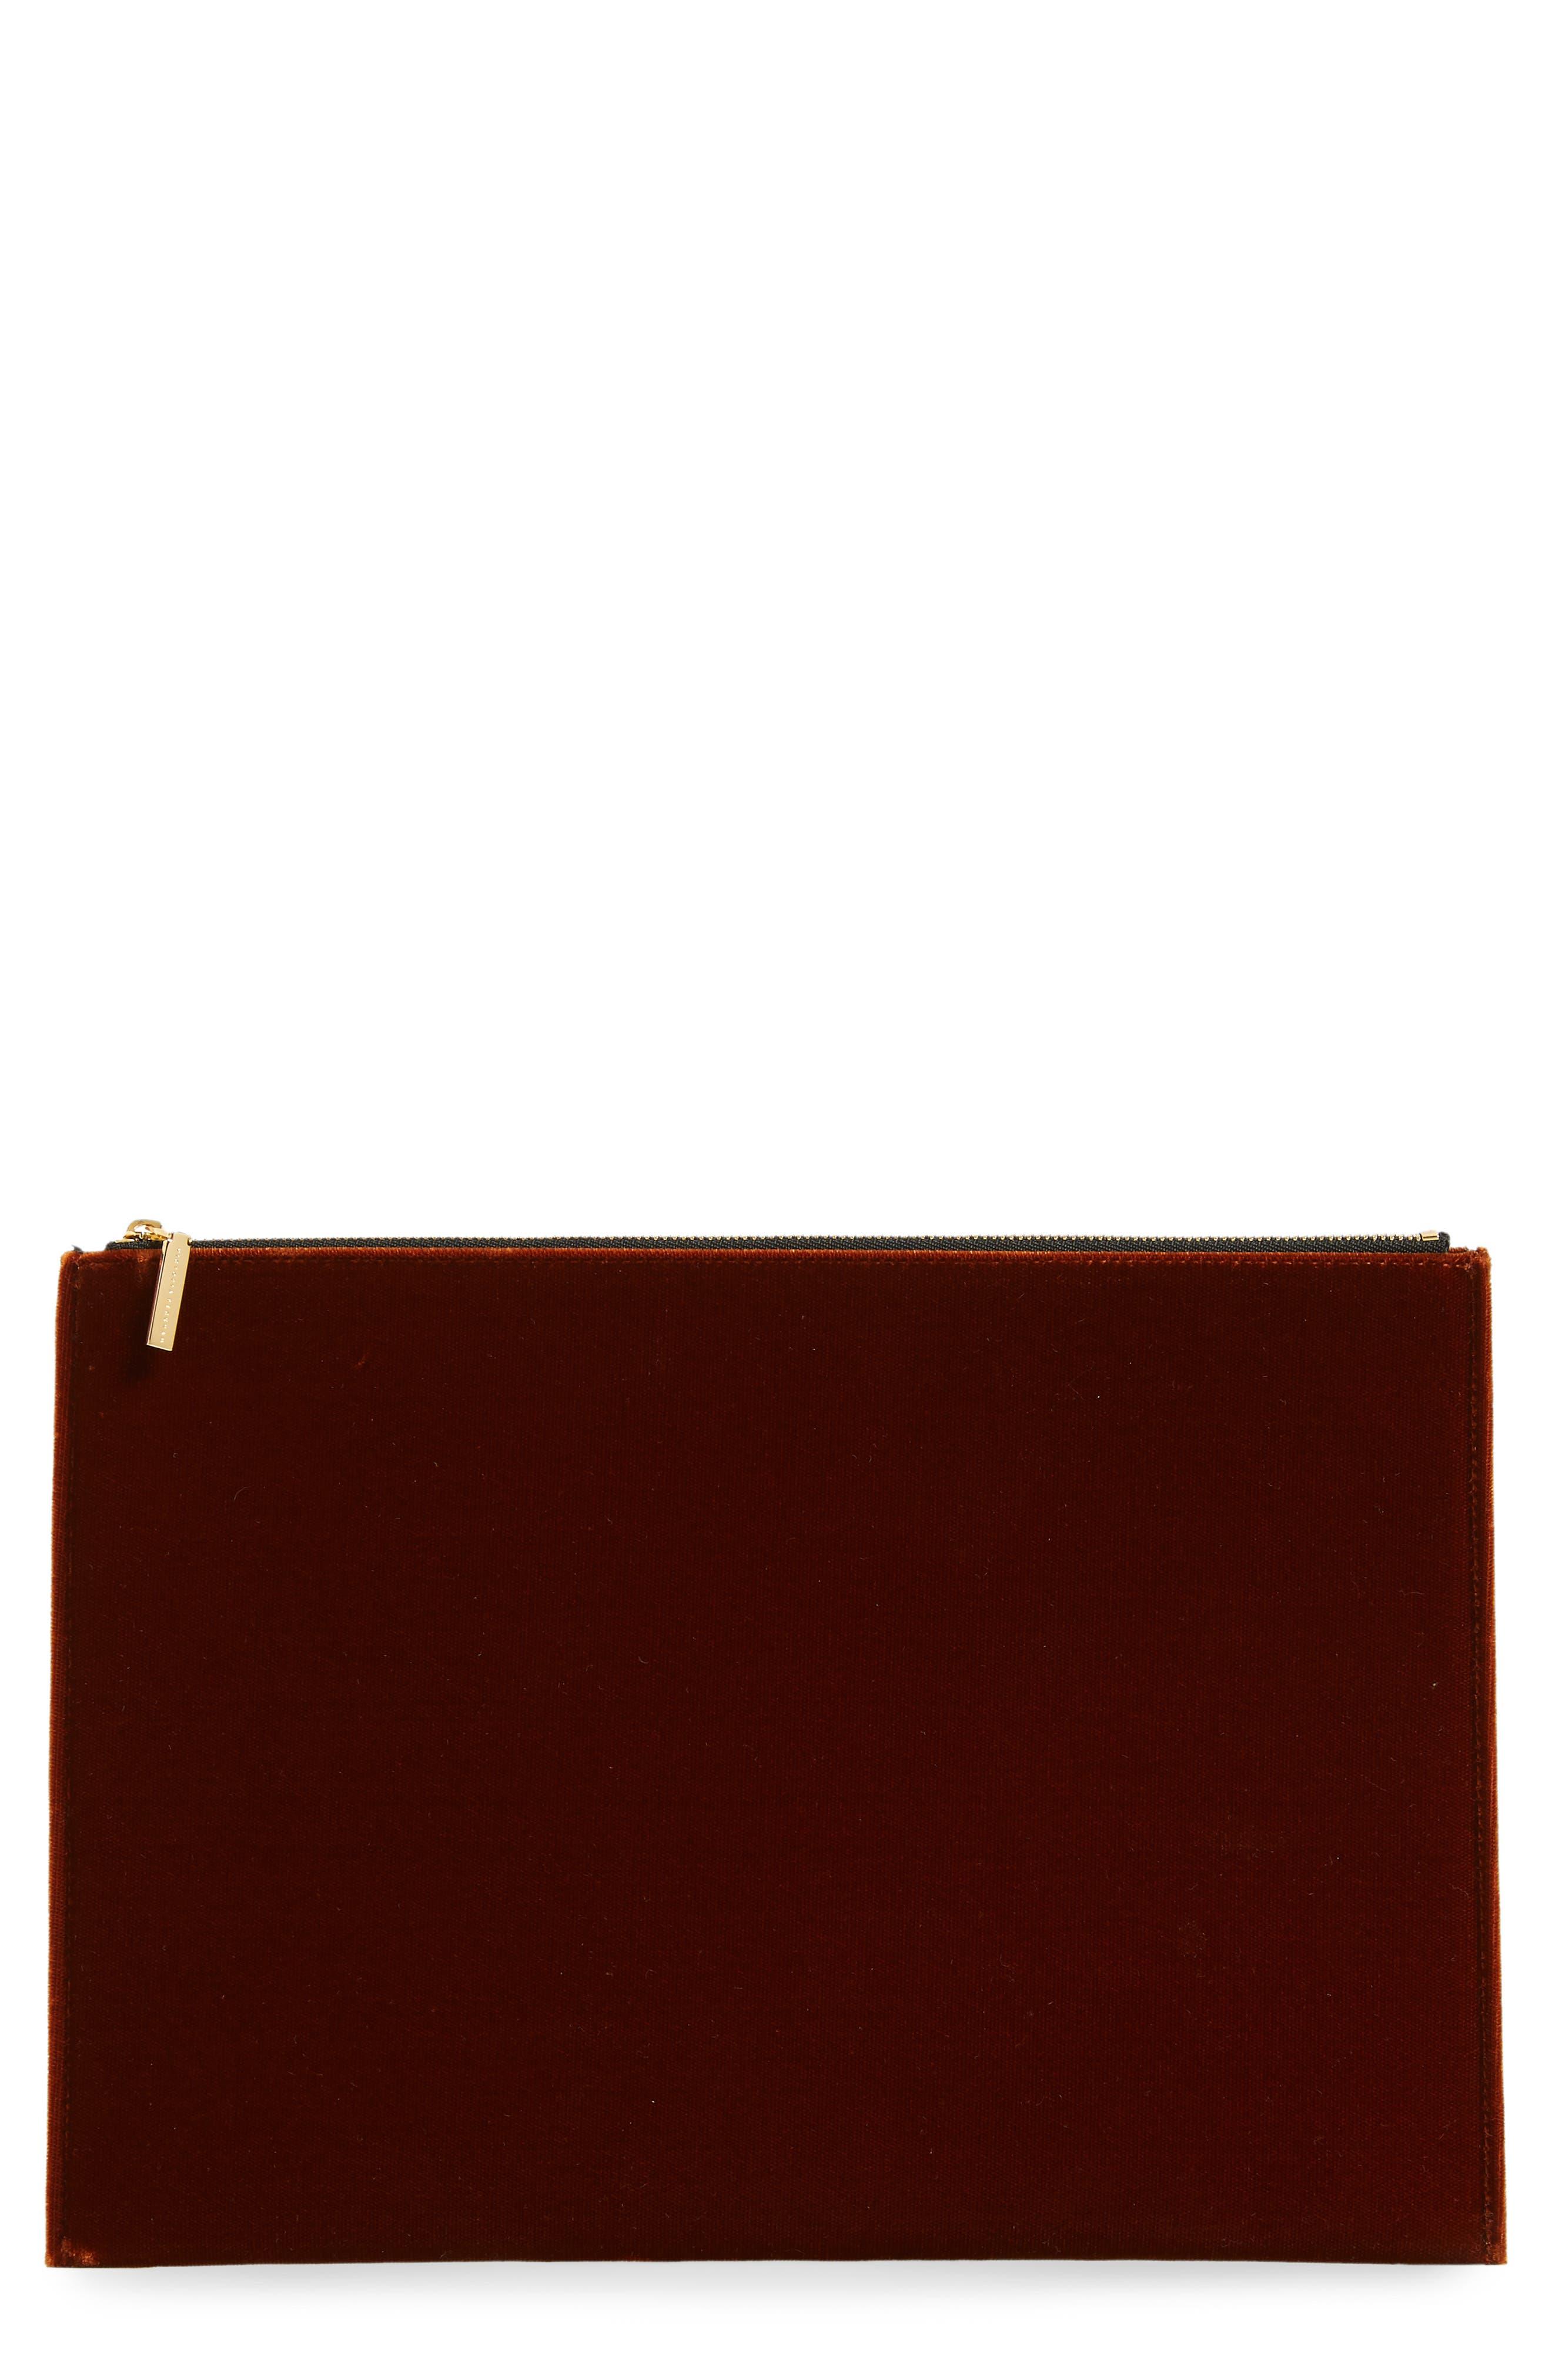 VICTORIA BECKHAM, Large Zip Pouch, Main thumbnail 1, color, 200